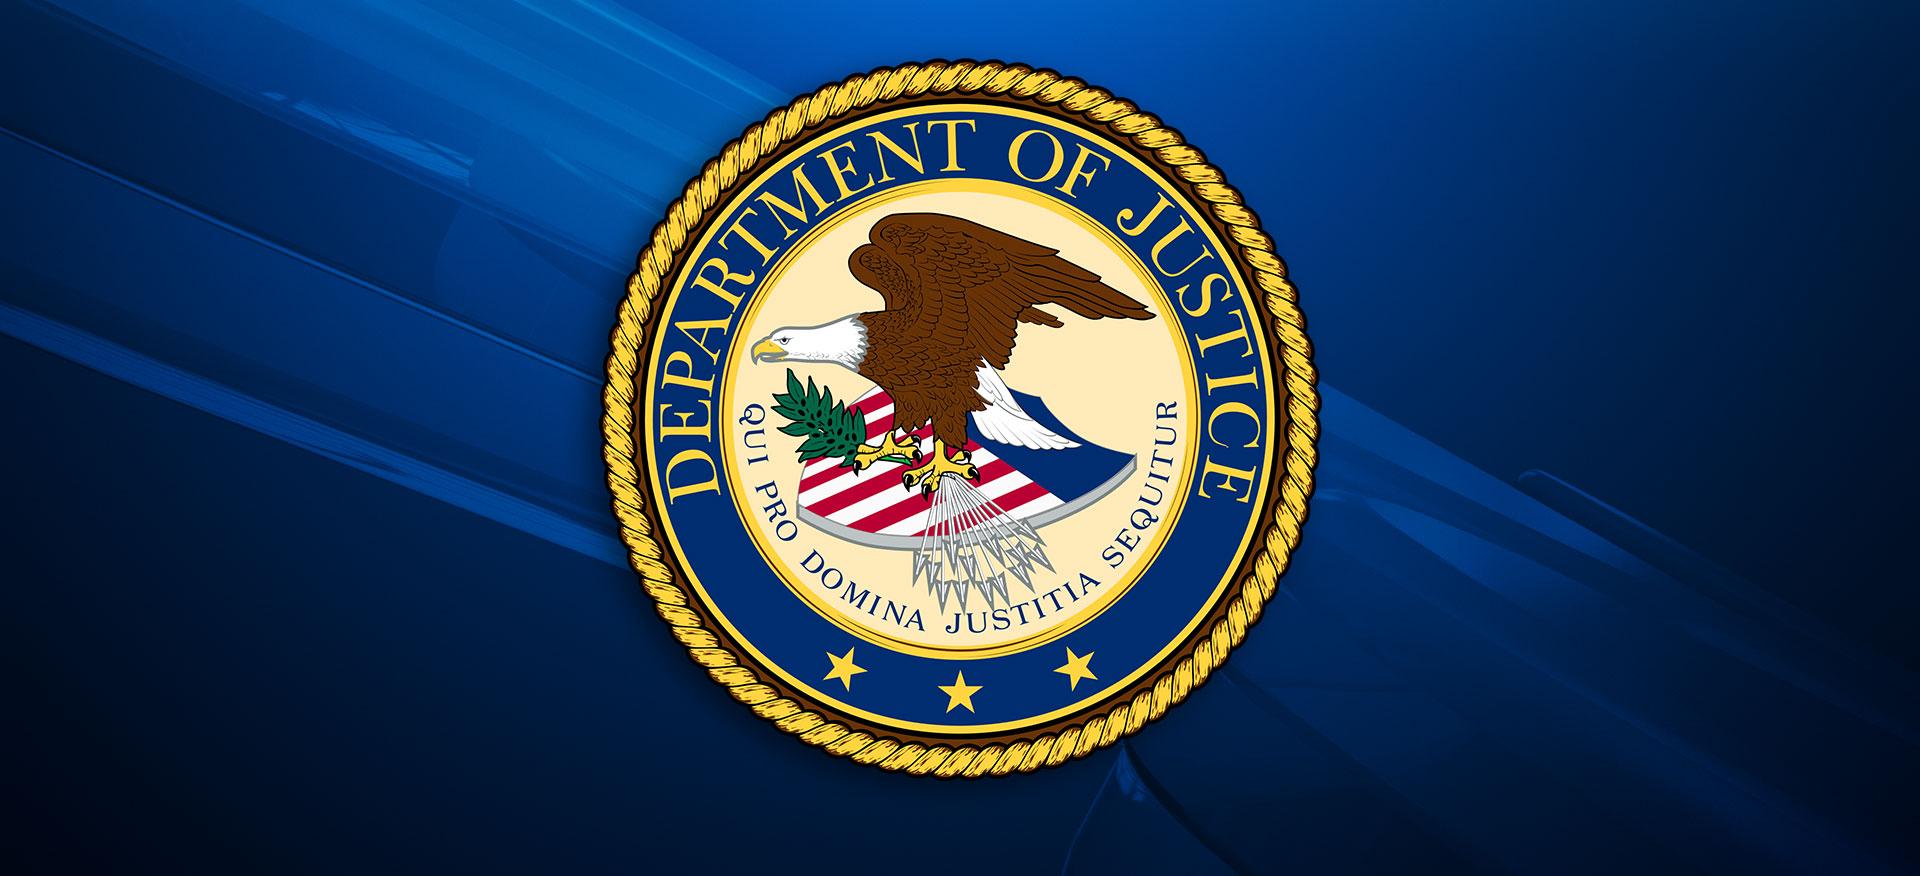 United States Department Of Justice U.S. Justice Department United States Justice Department U.S. DOJ